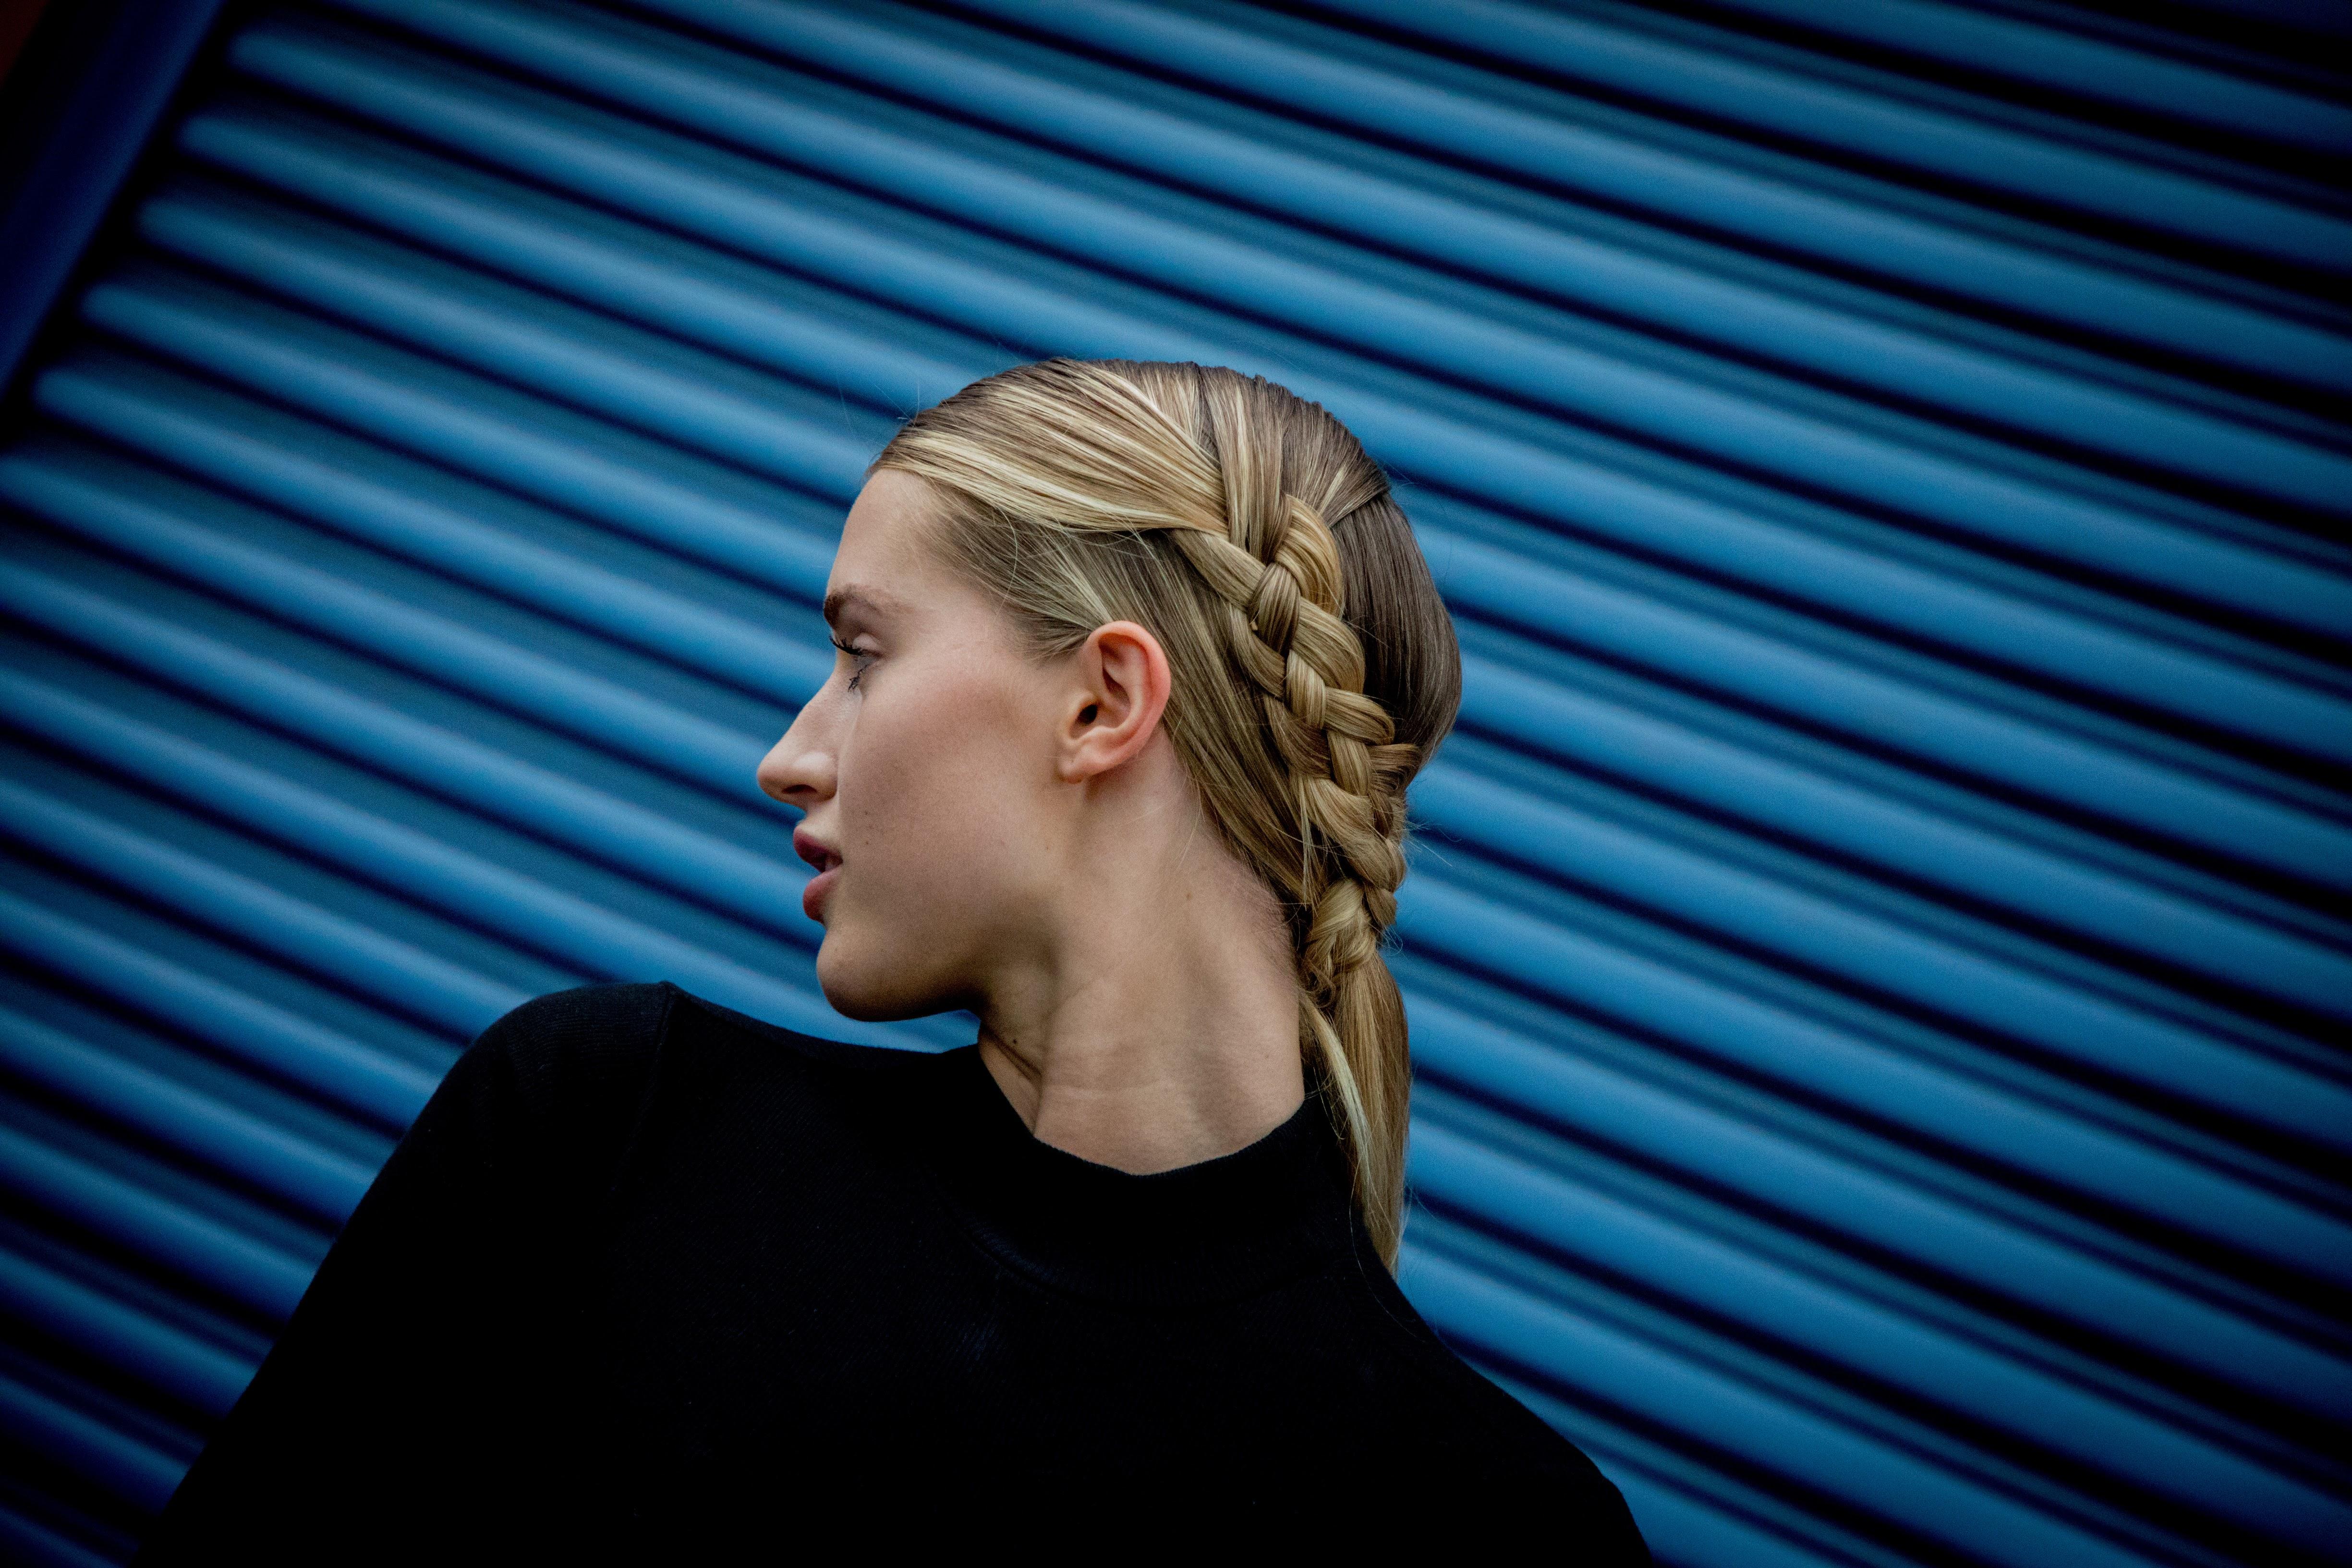 Sophie Longford